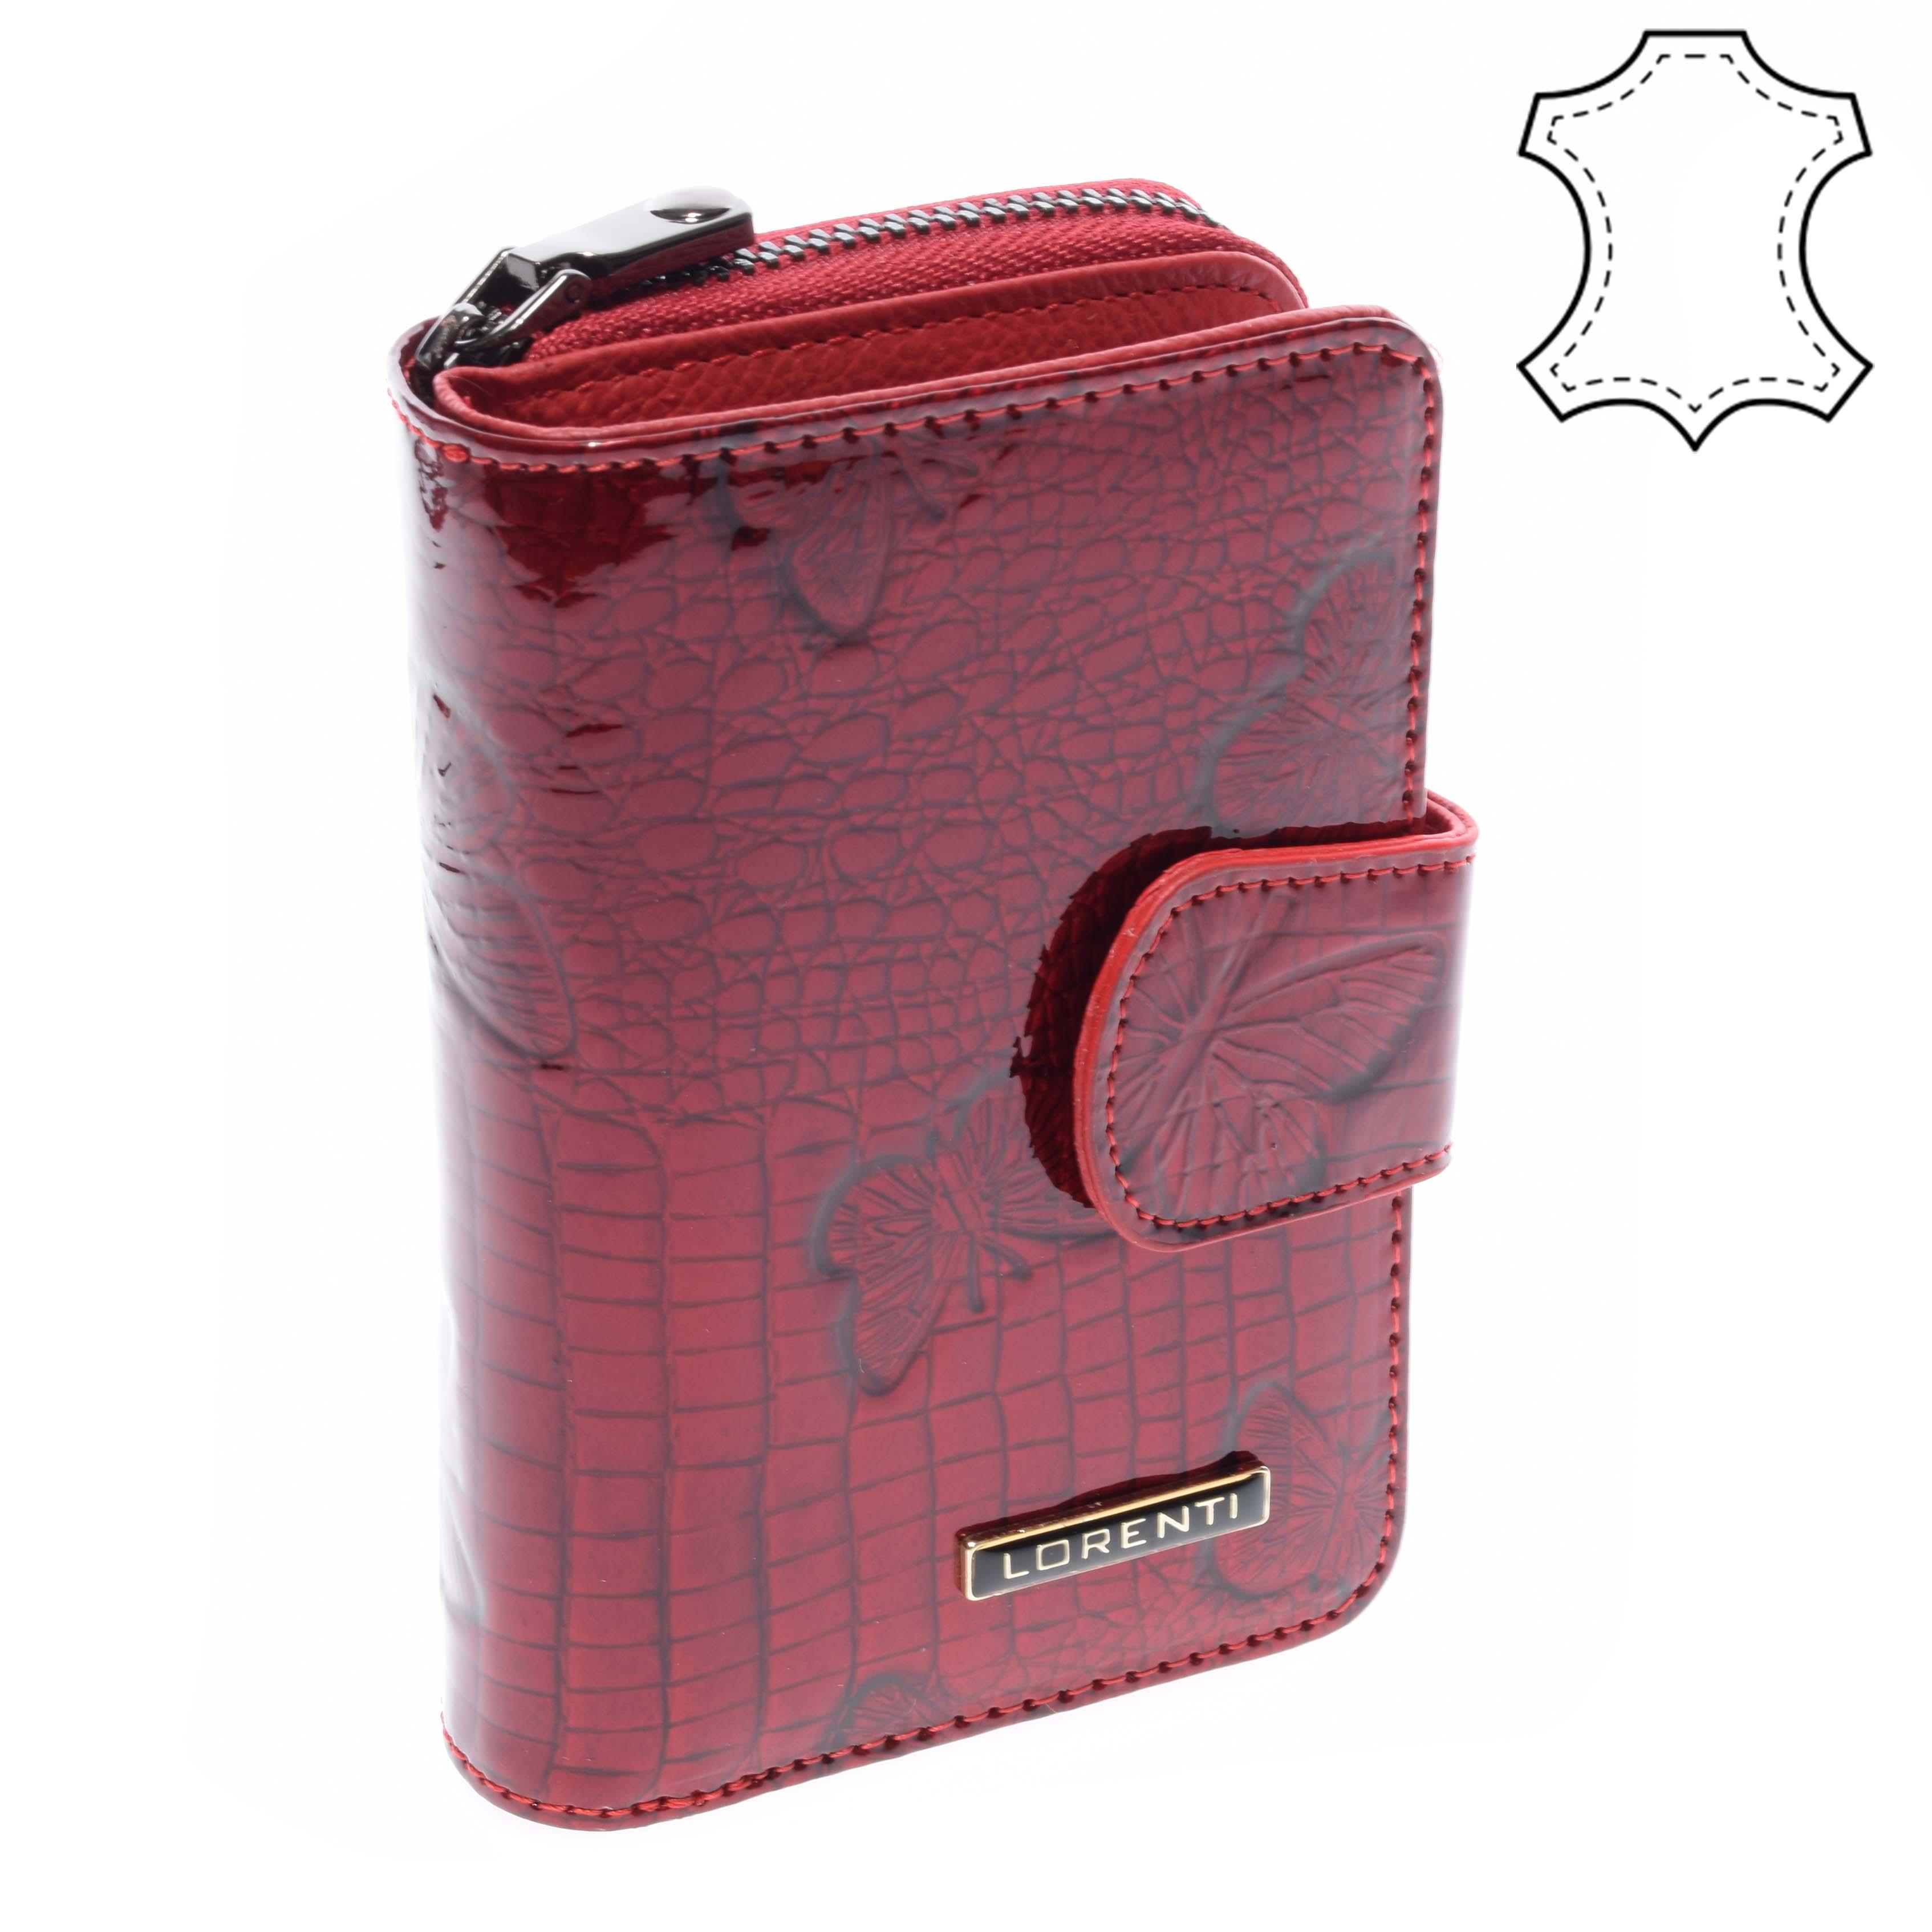 e970b06721 Lorenti Női Piros Lakkbőr Pénztárca - NŐI PÉNZTÁRCÁK - Táska webáruház - Minőségi  táskák mindenkinek